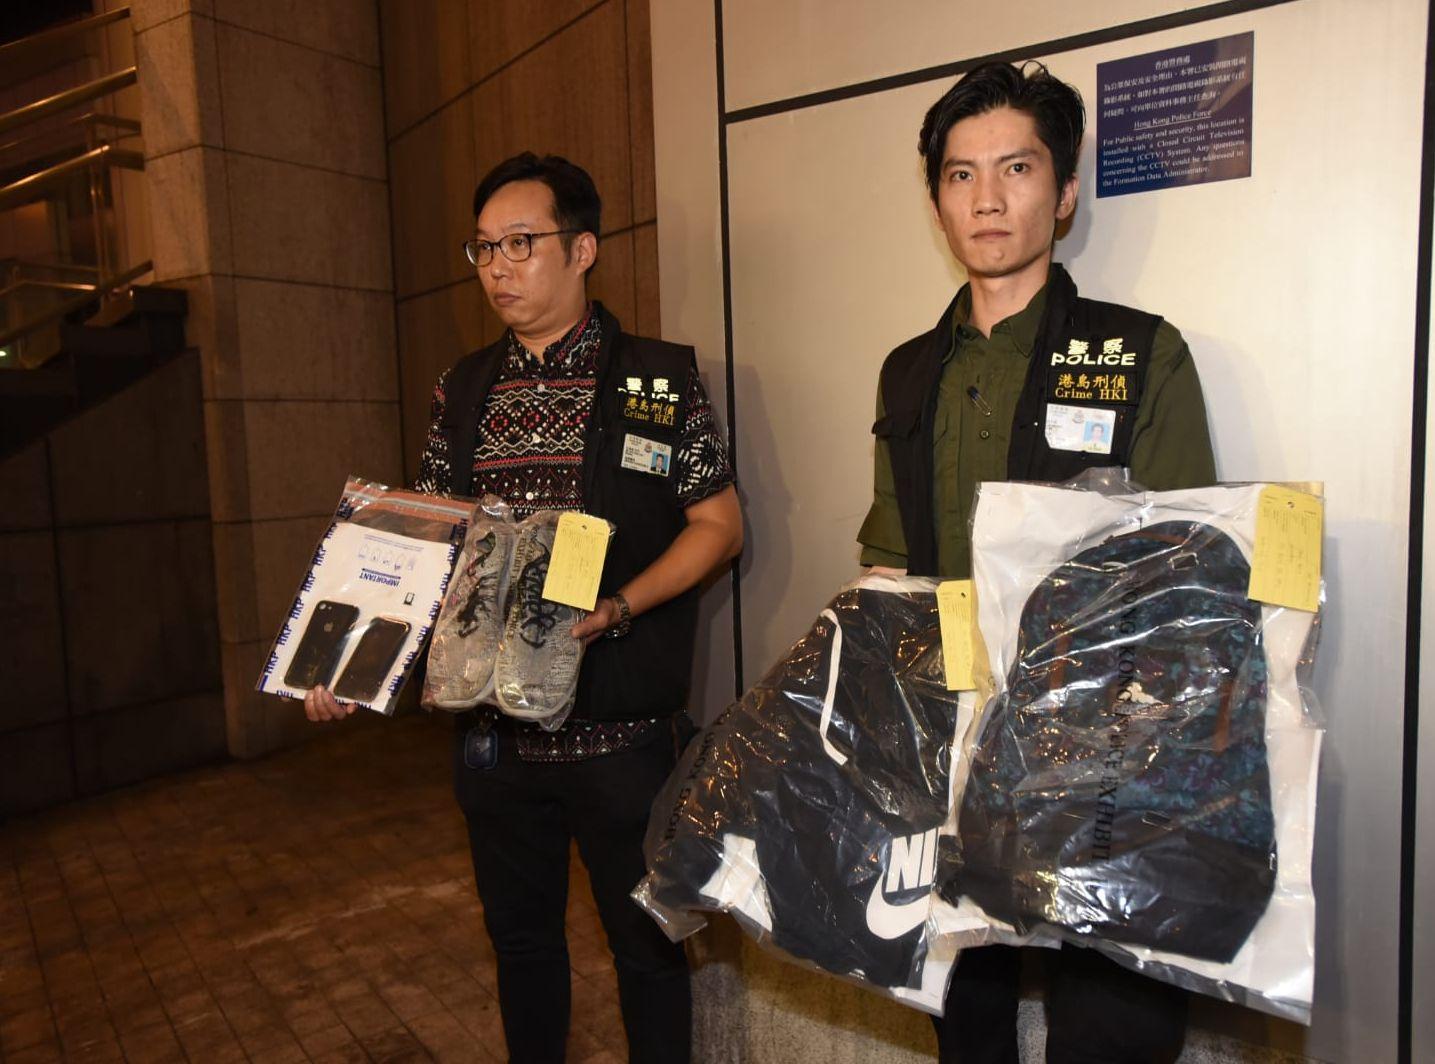 警方昨晚搜出涉案衣物。資料圖片